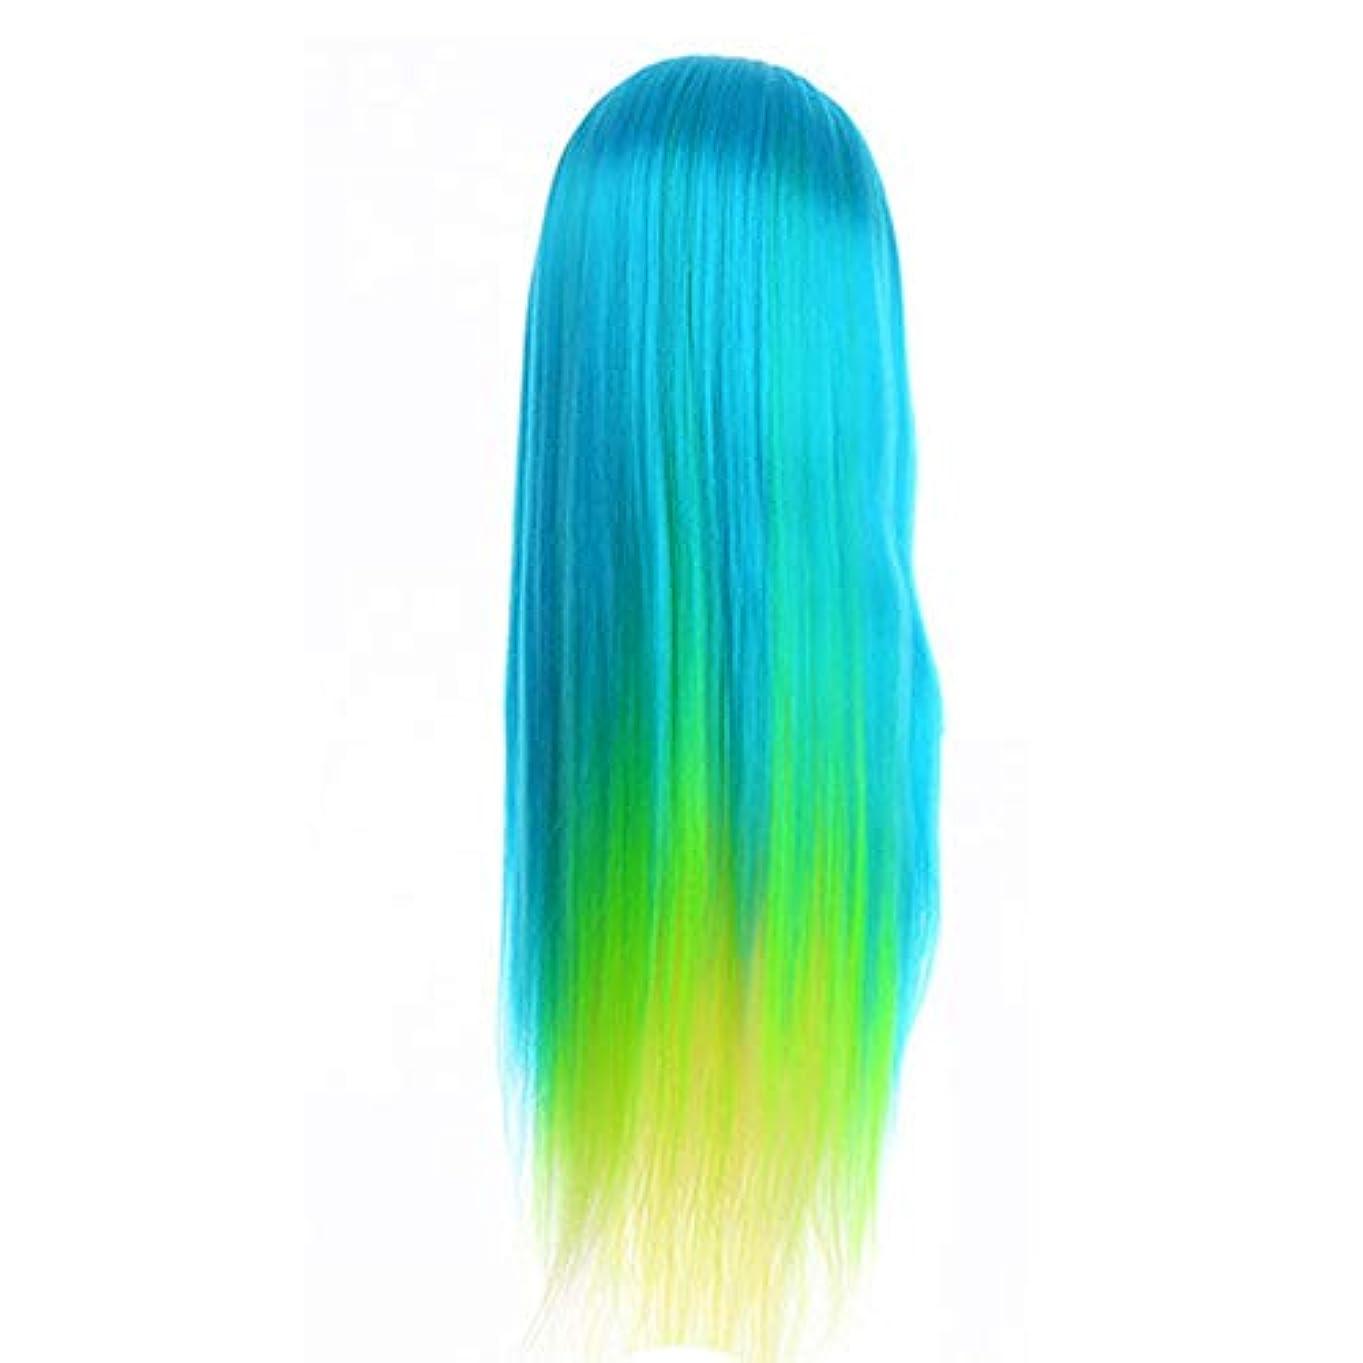 安息トリプル妨げるサロン散髪練習ヘッドモデルメイク学校編組髪開発学習モデルヘッドヘアストレートロングかつら